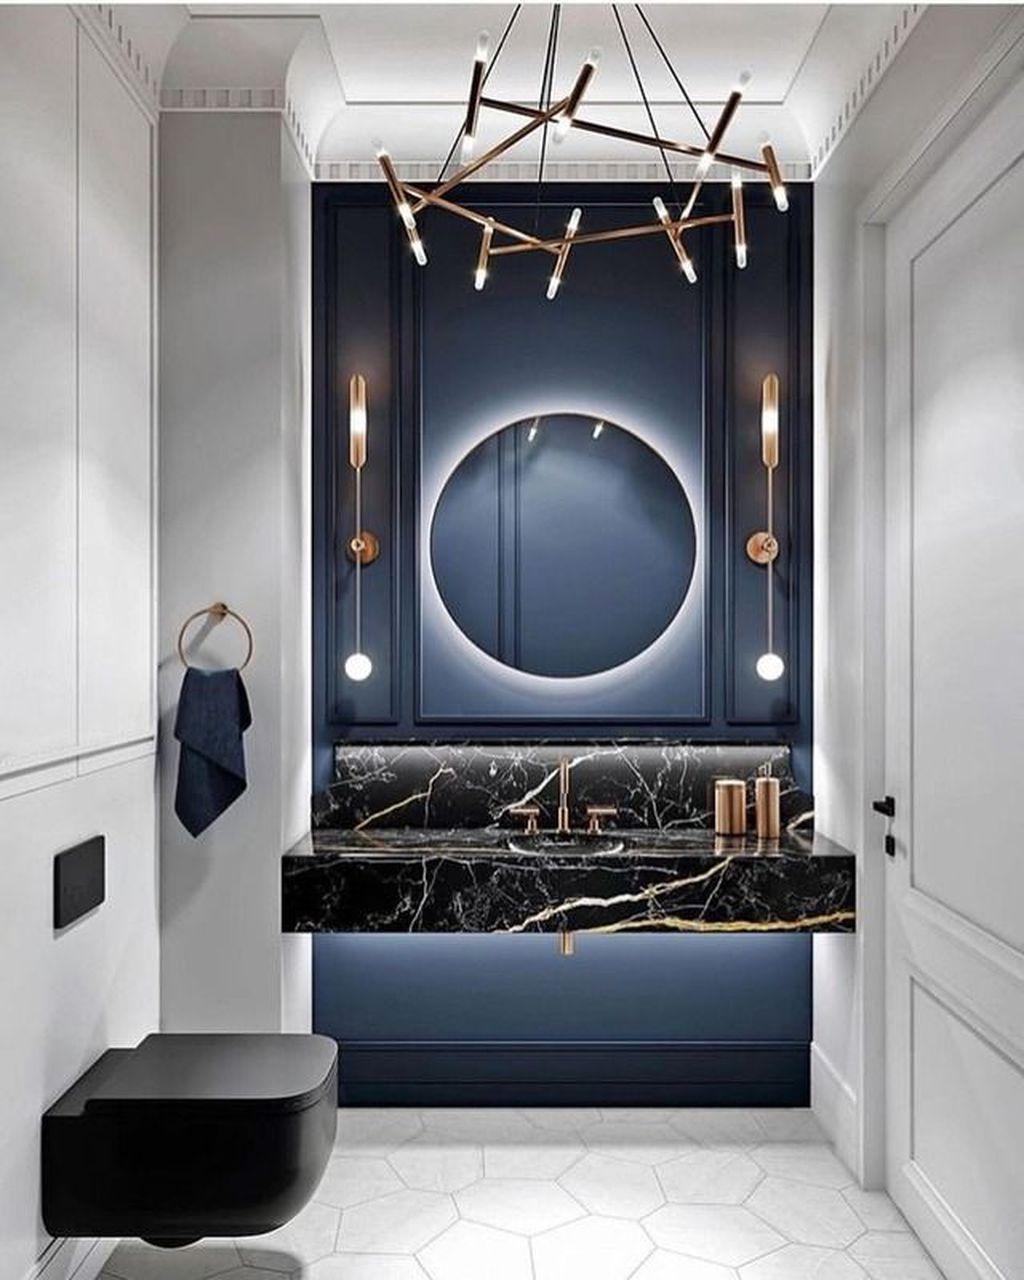 Badezimmer Bild Von Susanne Korden Modernes Luxurioses Badezimmer Badezimmer Einrichtung Badezimmer Innenausstattung